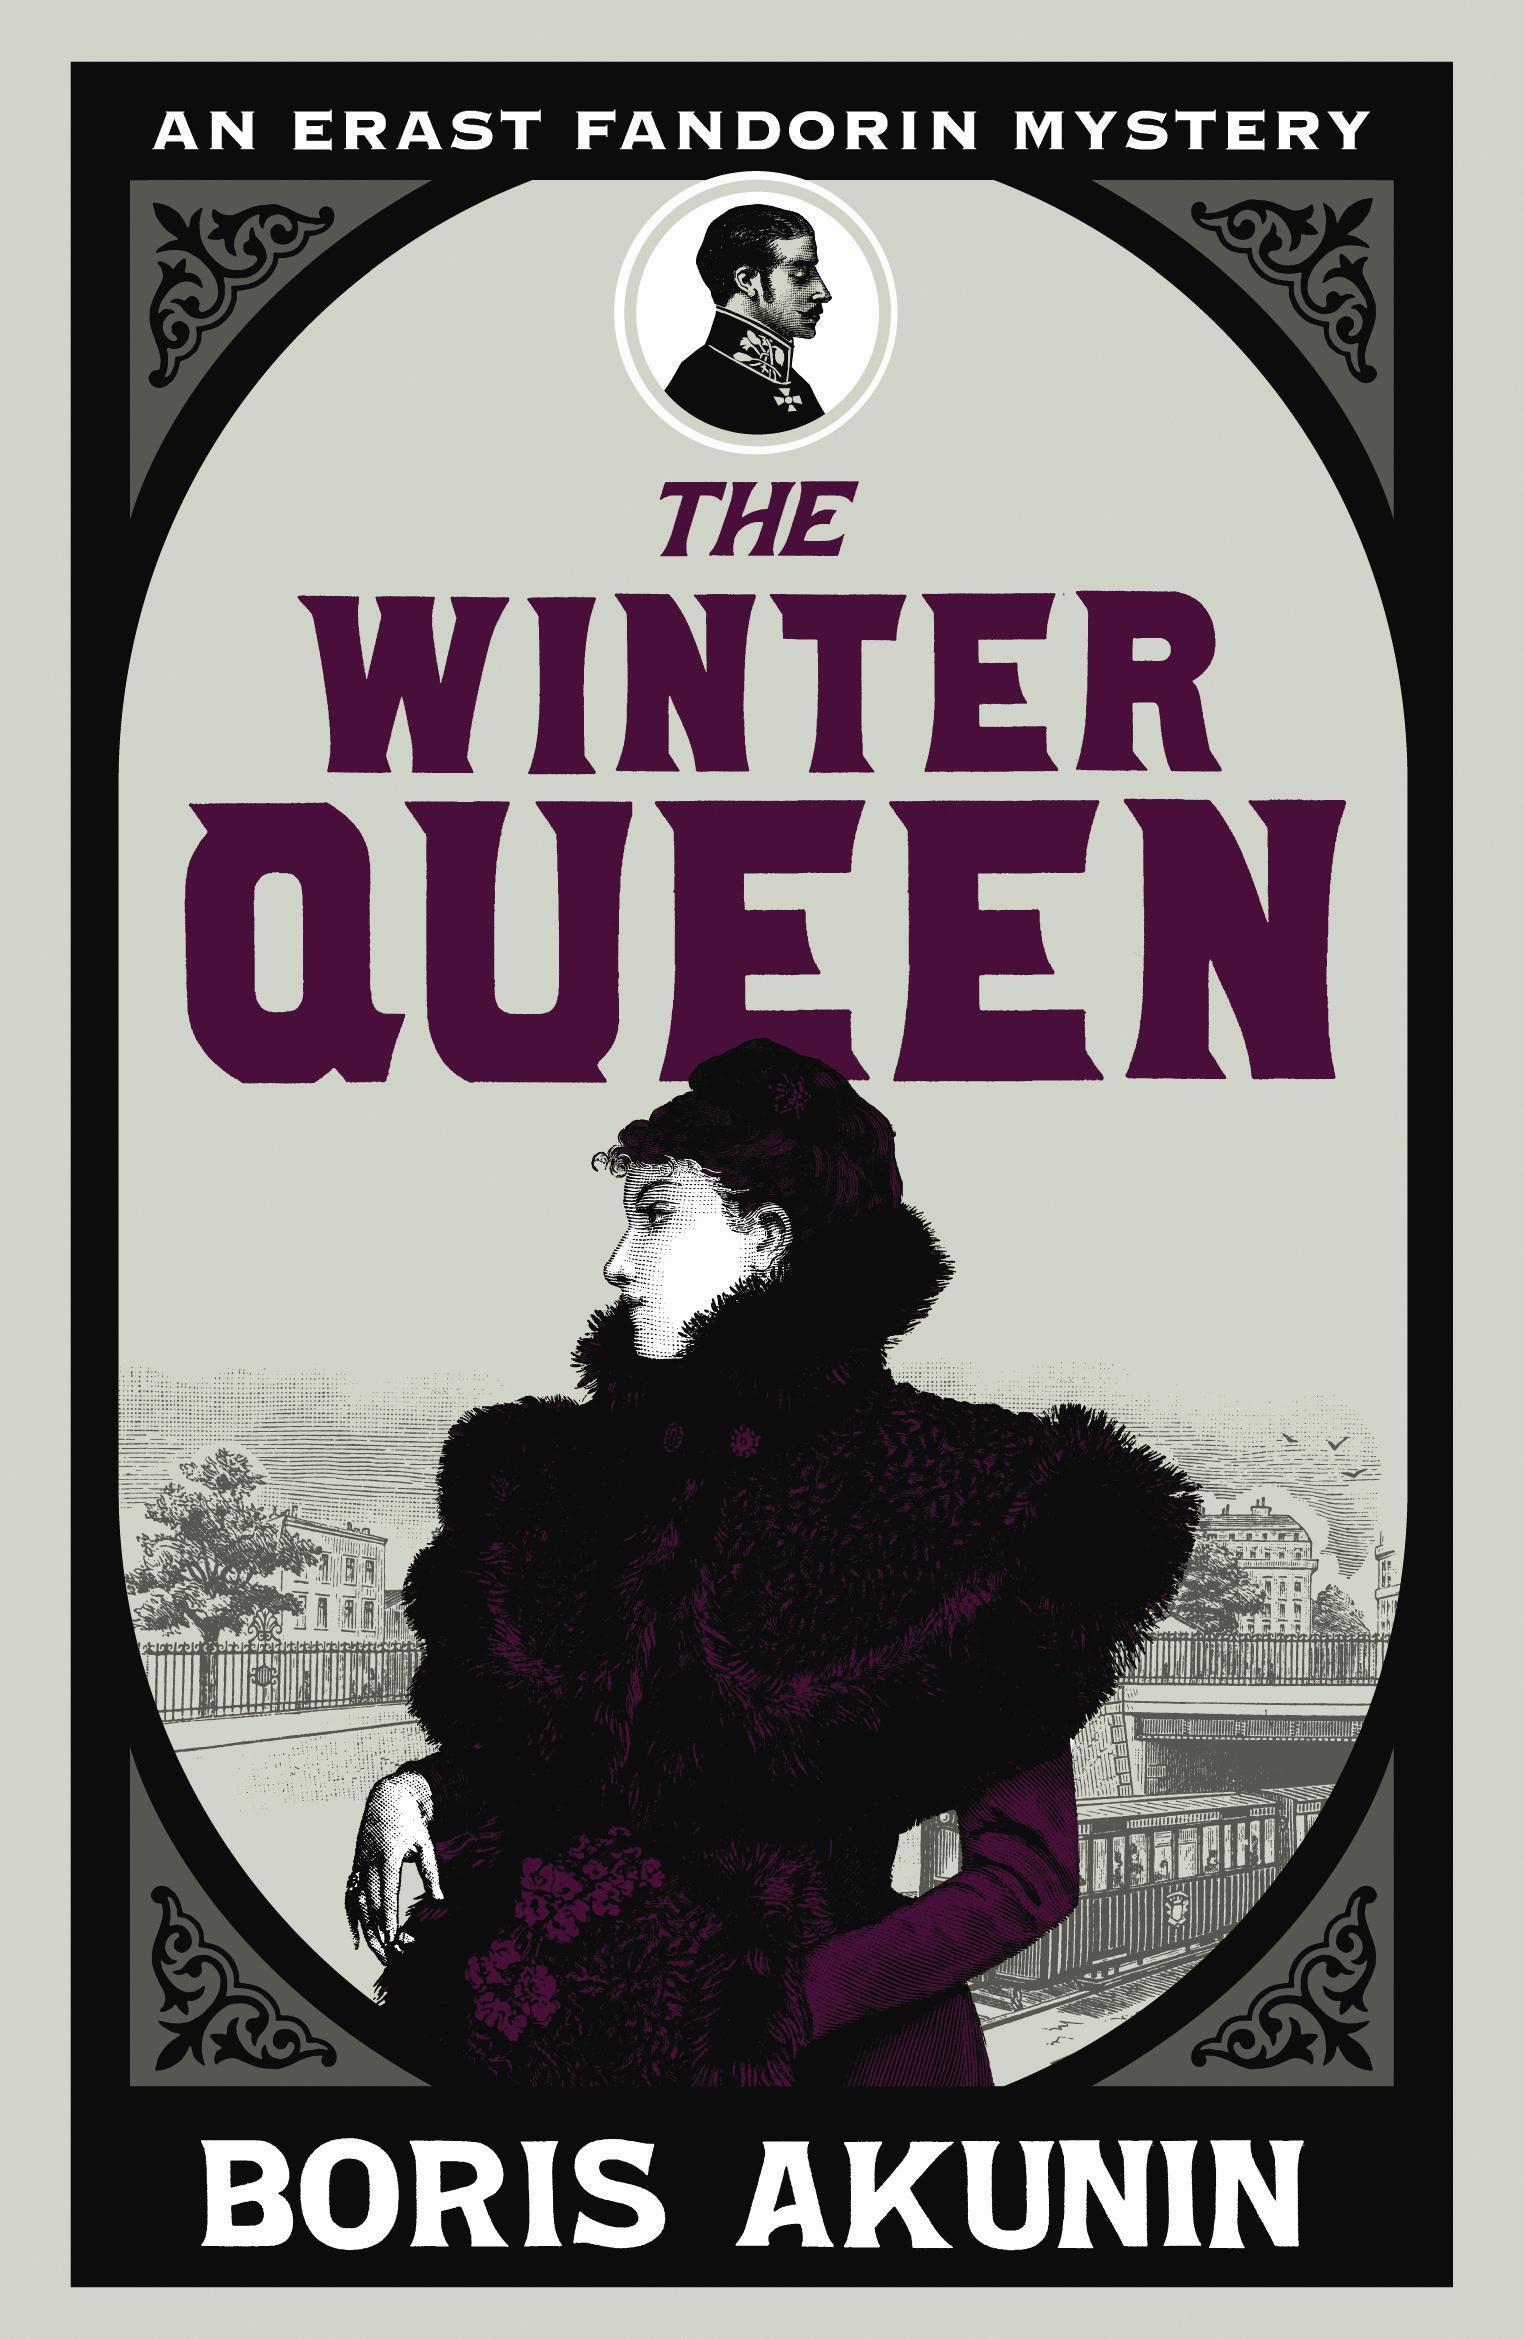 Akunin The Winter Queen